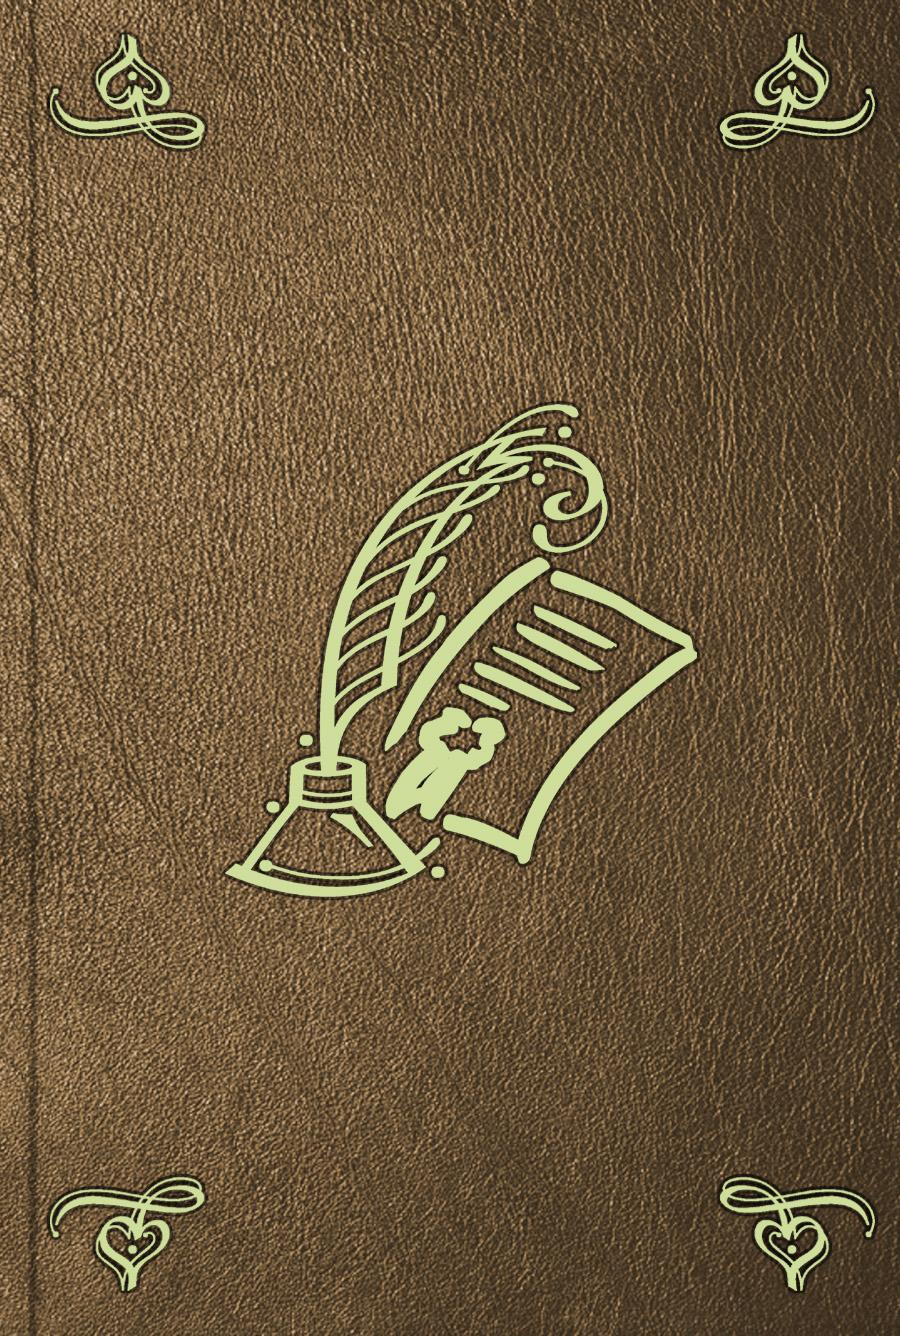 Отсутствует Rapport historique sur les progres des sciences mathematiques depuis 1789, et sur leur etat actuel thomas simon gueullette le tresor suppose comedie representee pour la premiere fois par les comediens italiens ordinaires du roi le septieme fevrier 1720 french edition